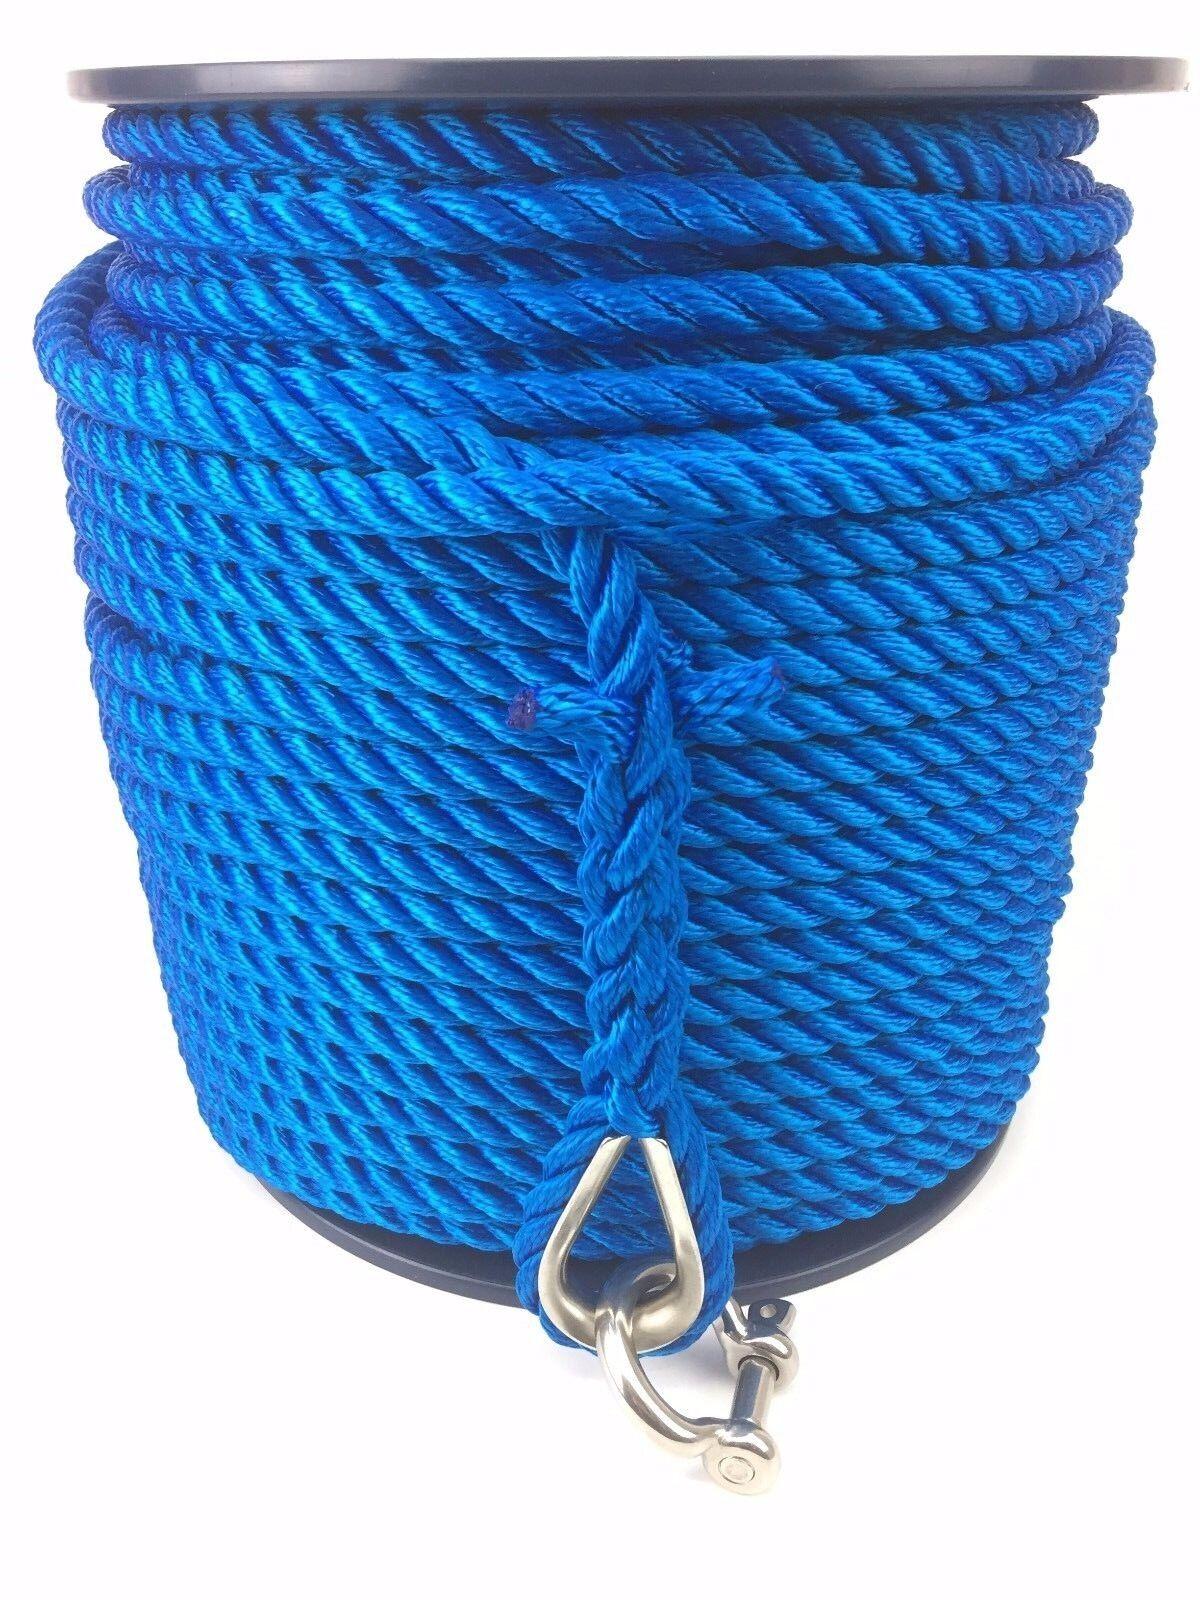 10mm To 16mm blau Multi-filament Seil K W rostfrei Kausch One ende auf ein reel